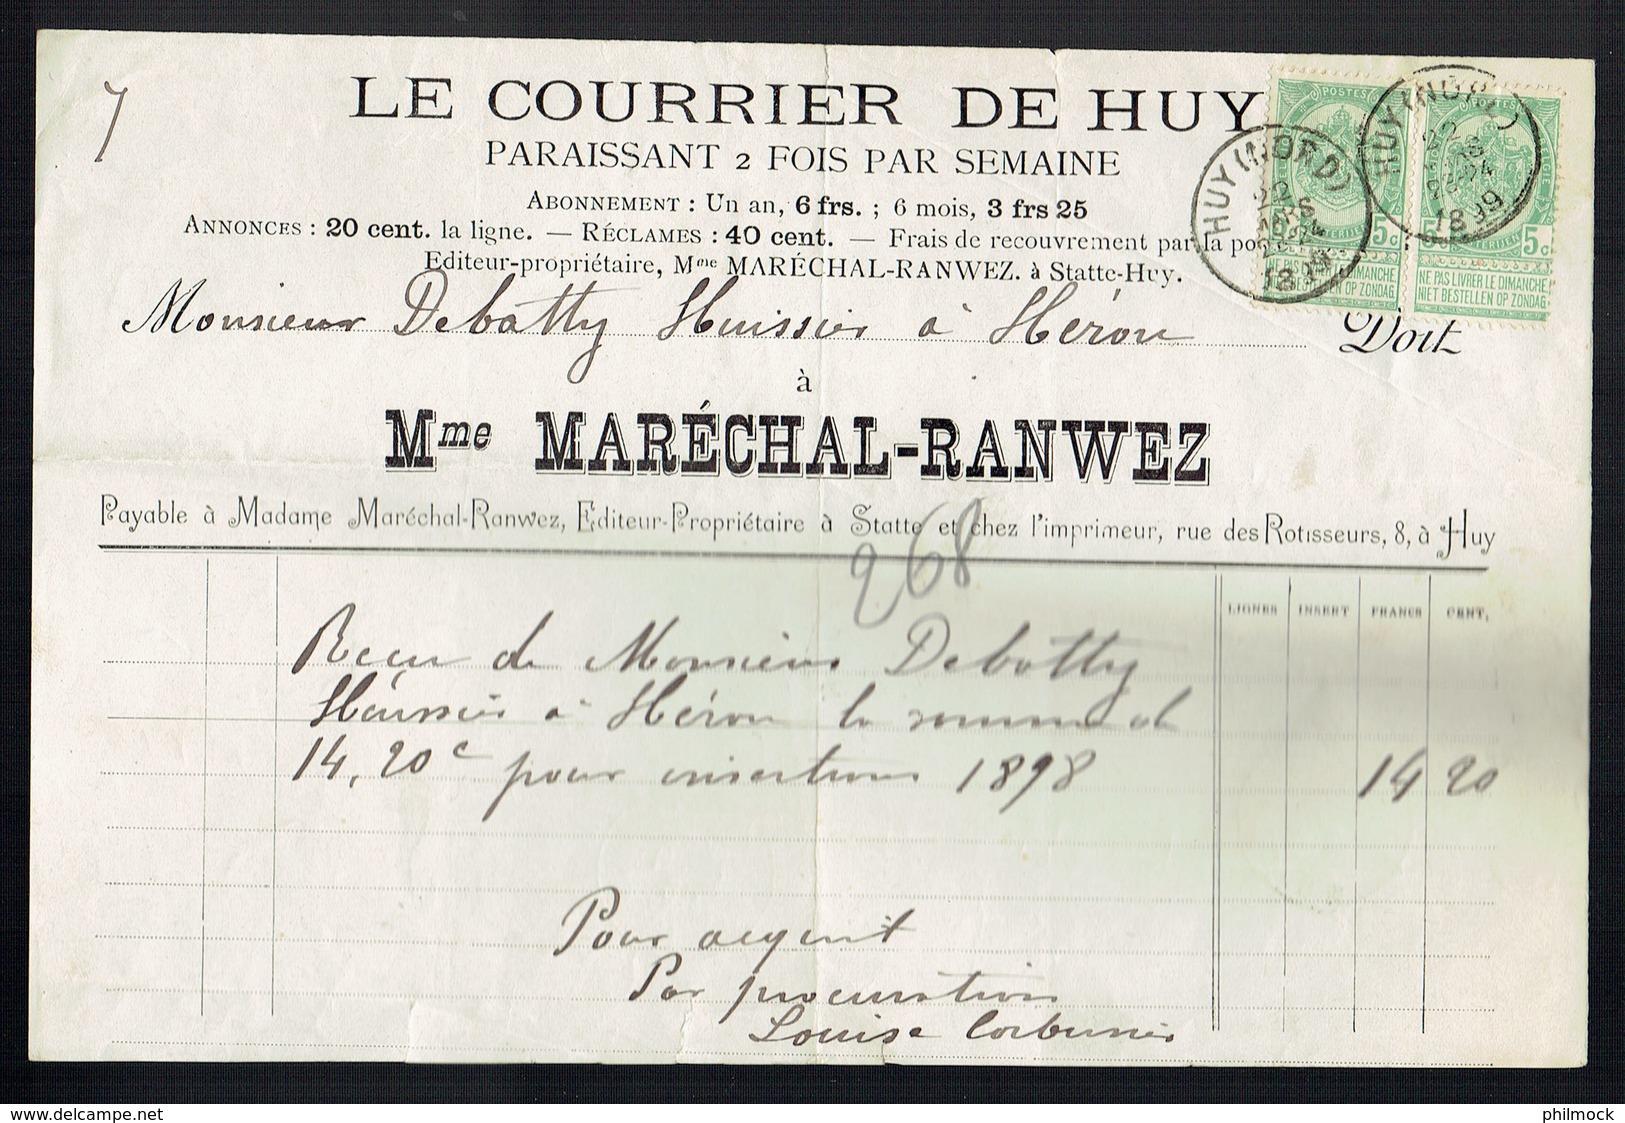 M-Facture Le Courrier De Huy - Obli Huy (Nord) Le 22-Mars-1899 Par Burdinne Vers Héron Sur 56x2 Avec Bandelettes - Printing & Stationeries